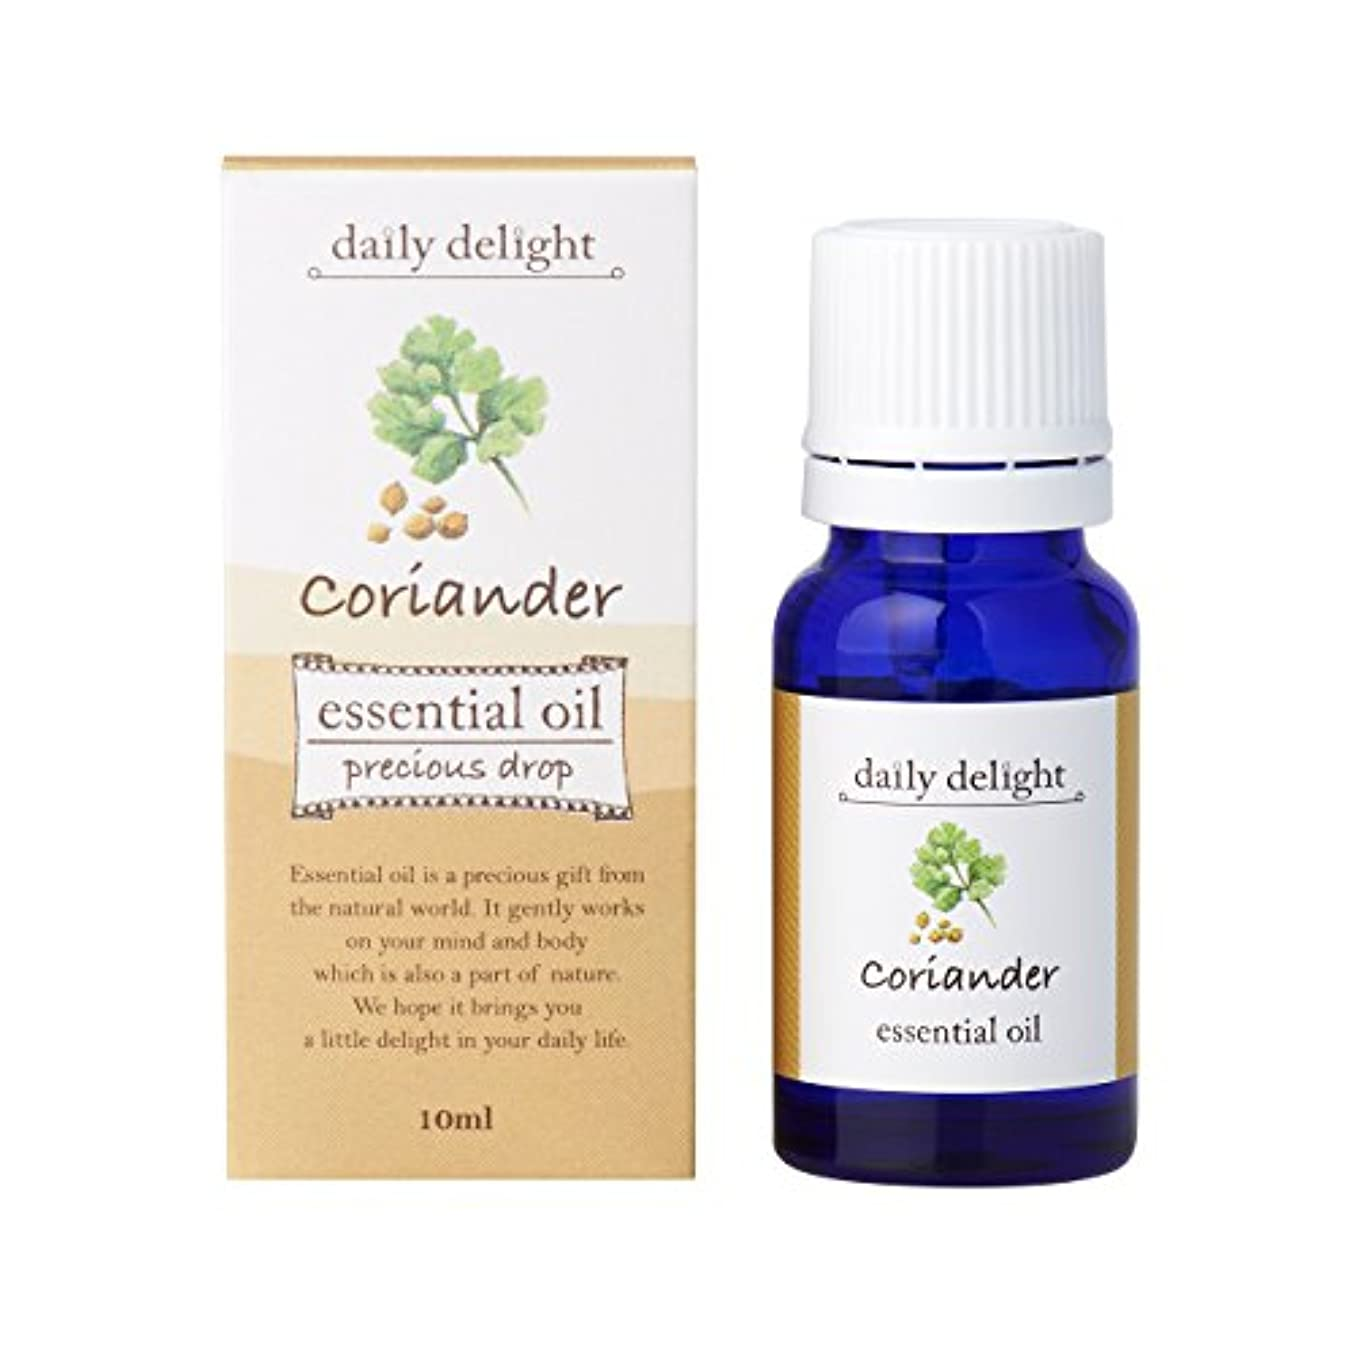 デイリーディライト エッセンシャルオイル コリアンダー 10ml(天然100% 精油 アロマ スパイス系 やや甘みのあるスッとしたスパイシーな香り)